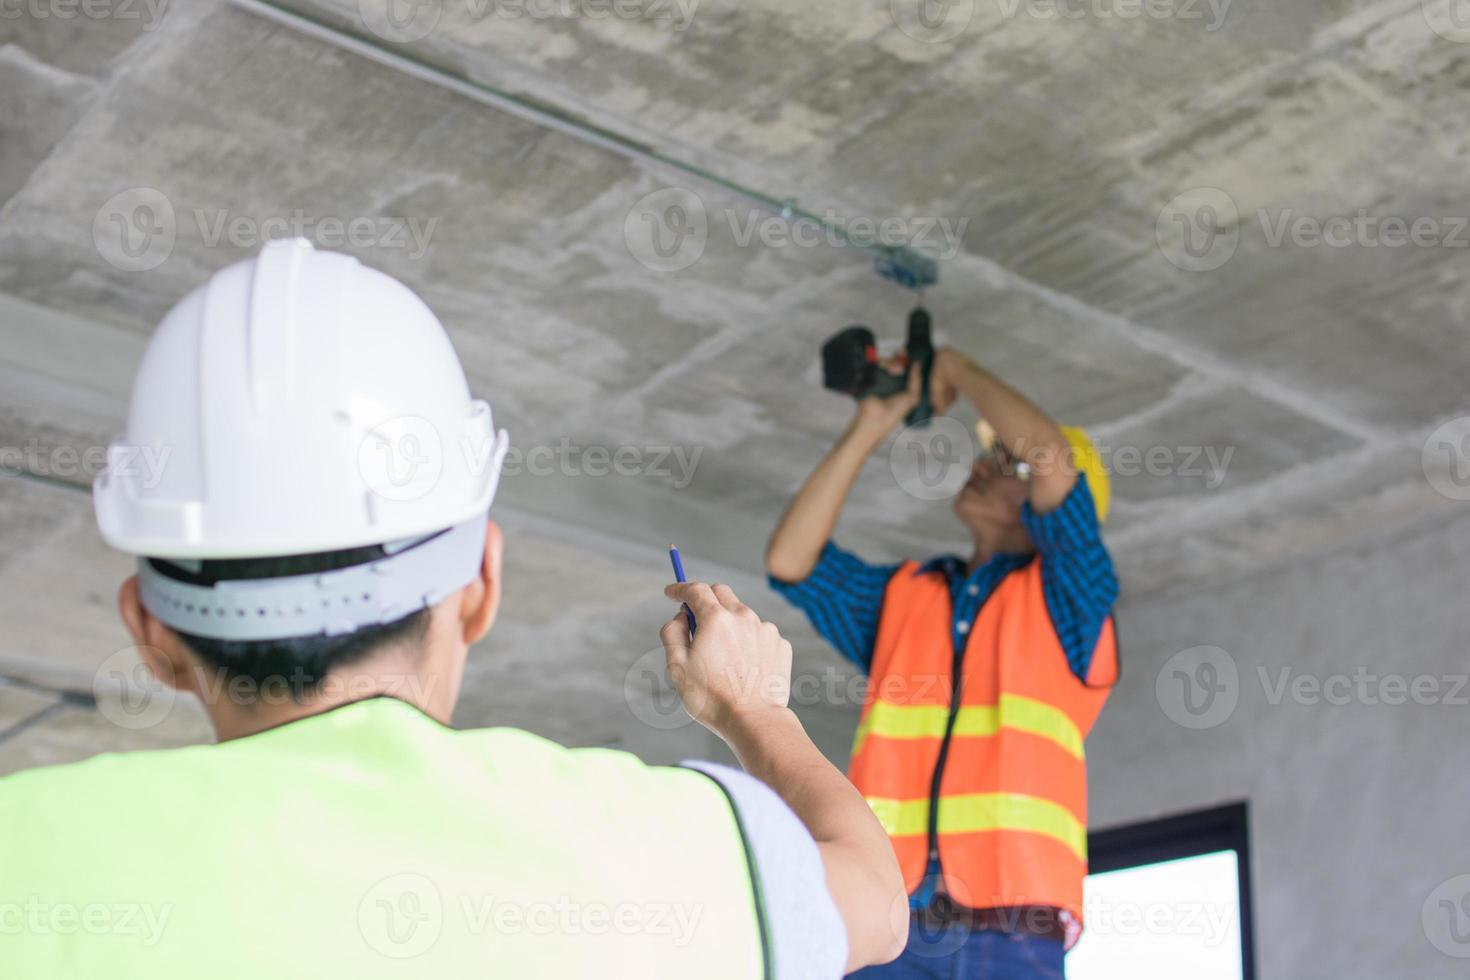 trabalhadores da construção civil trabalhando no interior da construção foto